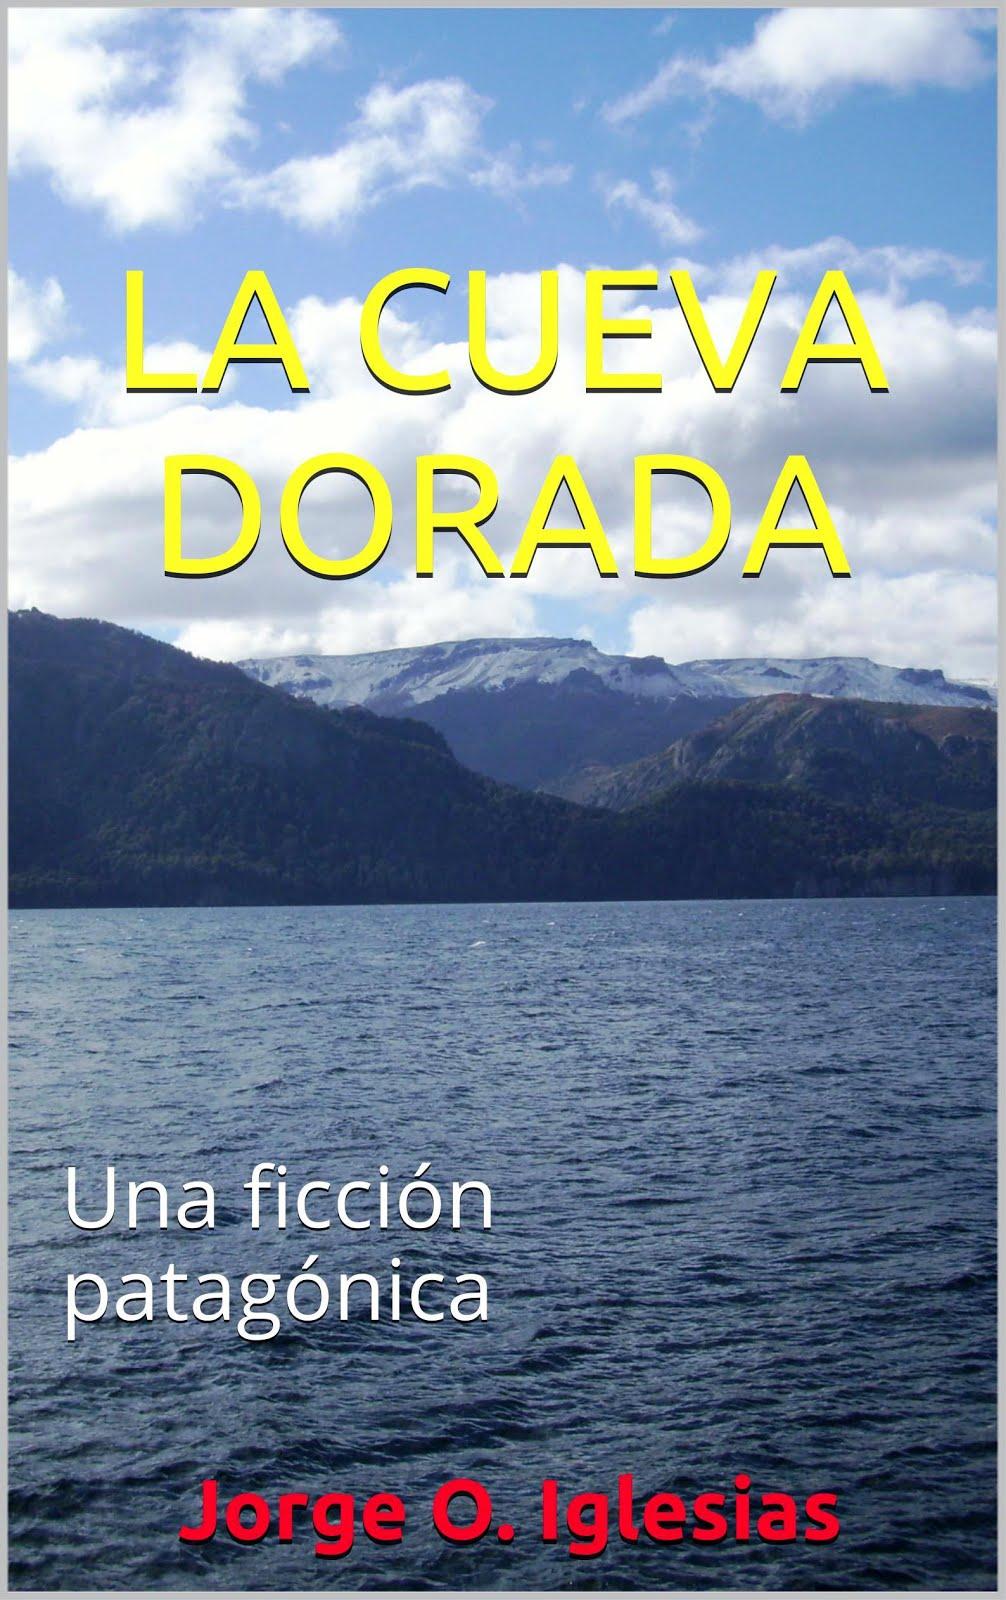 LA CUEVA DORADA NUEVO LIBRO EN AMAZON DEL GALLEGO REBELDE. POR TAN SOLO U$S 1.00 O EUROS 0.99